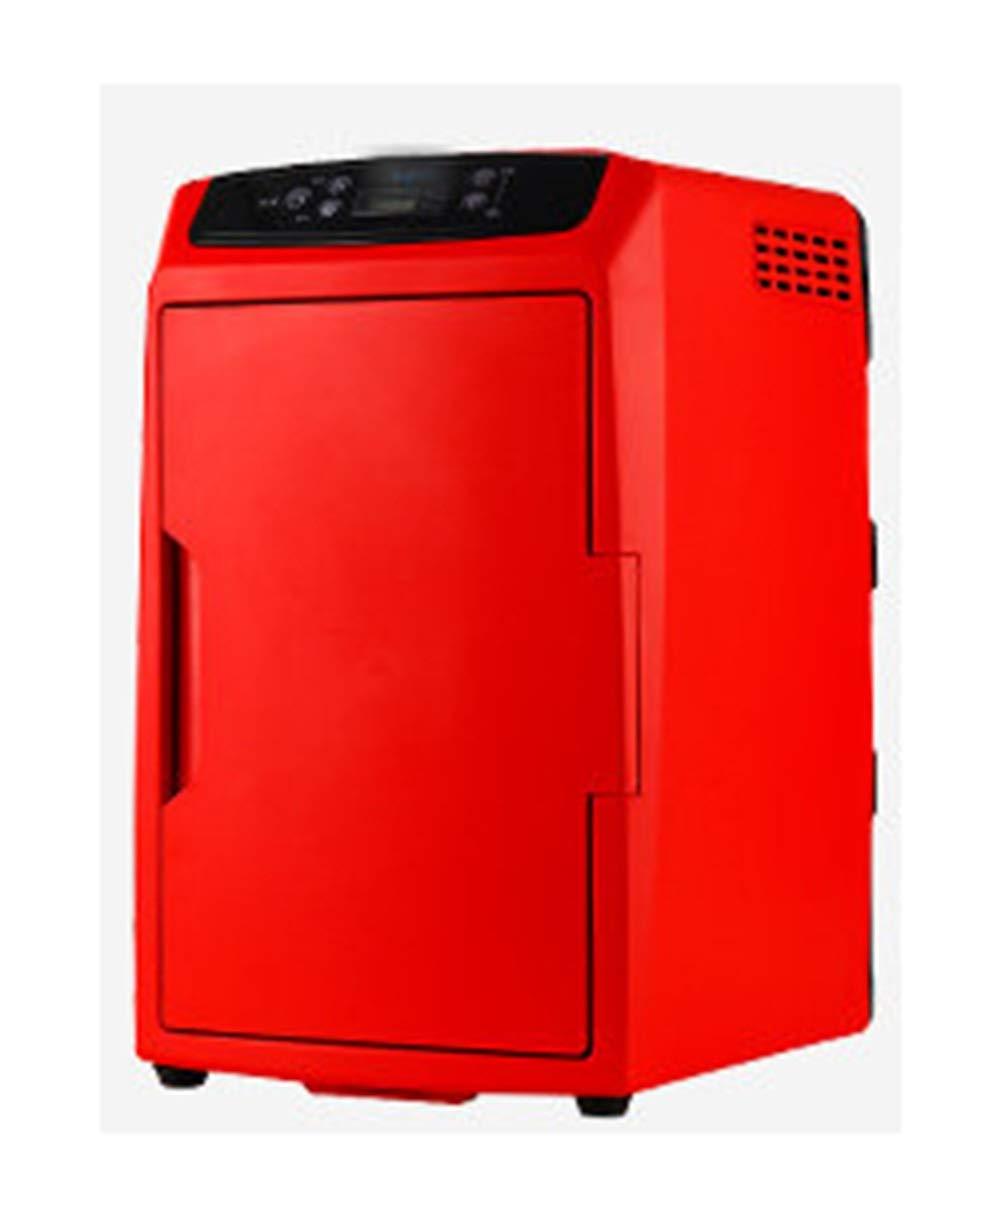 QPSGB 車の冷蔵庫 - 車の冷蔵庫小さな家の学生寮車の家兼用冷凍加熱インキュベーター (色 : B)  B B07RPJBP8Q